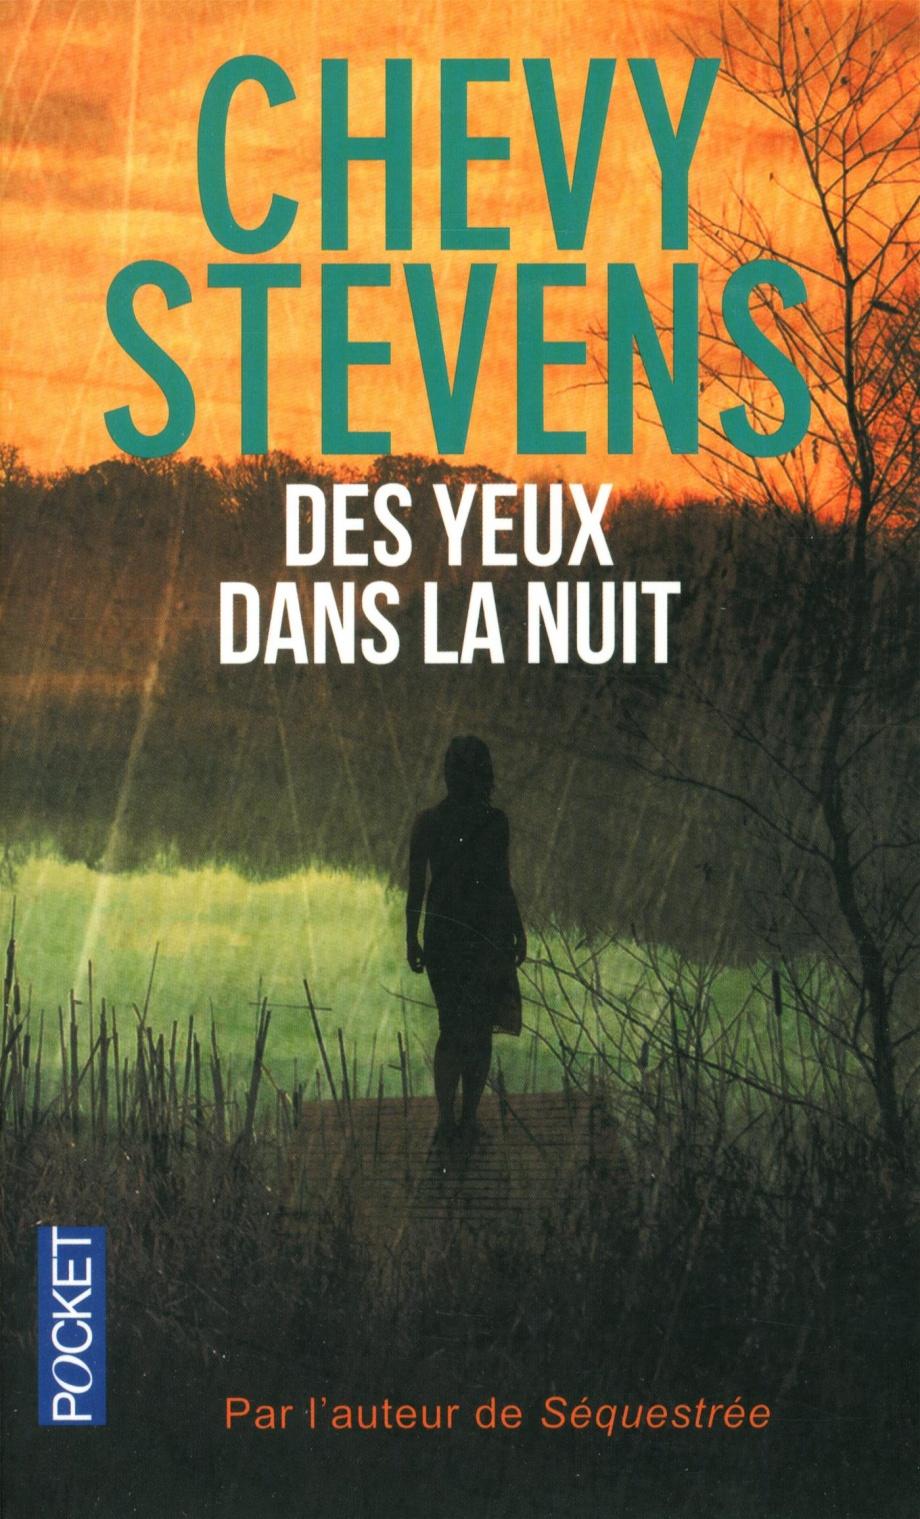 Des Yeux Dans La Nuit : Chevy, Stevens, Littérature, Roman, Polar/Suspense, Leslibraires.ca